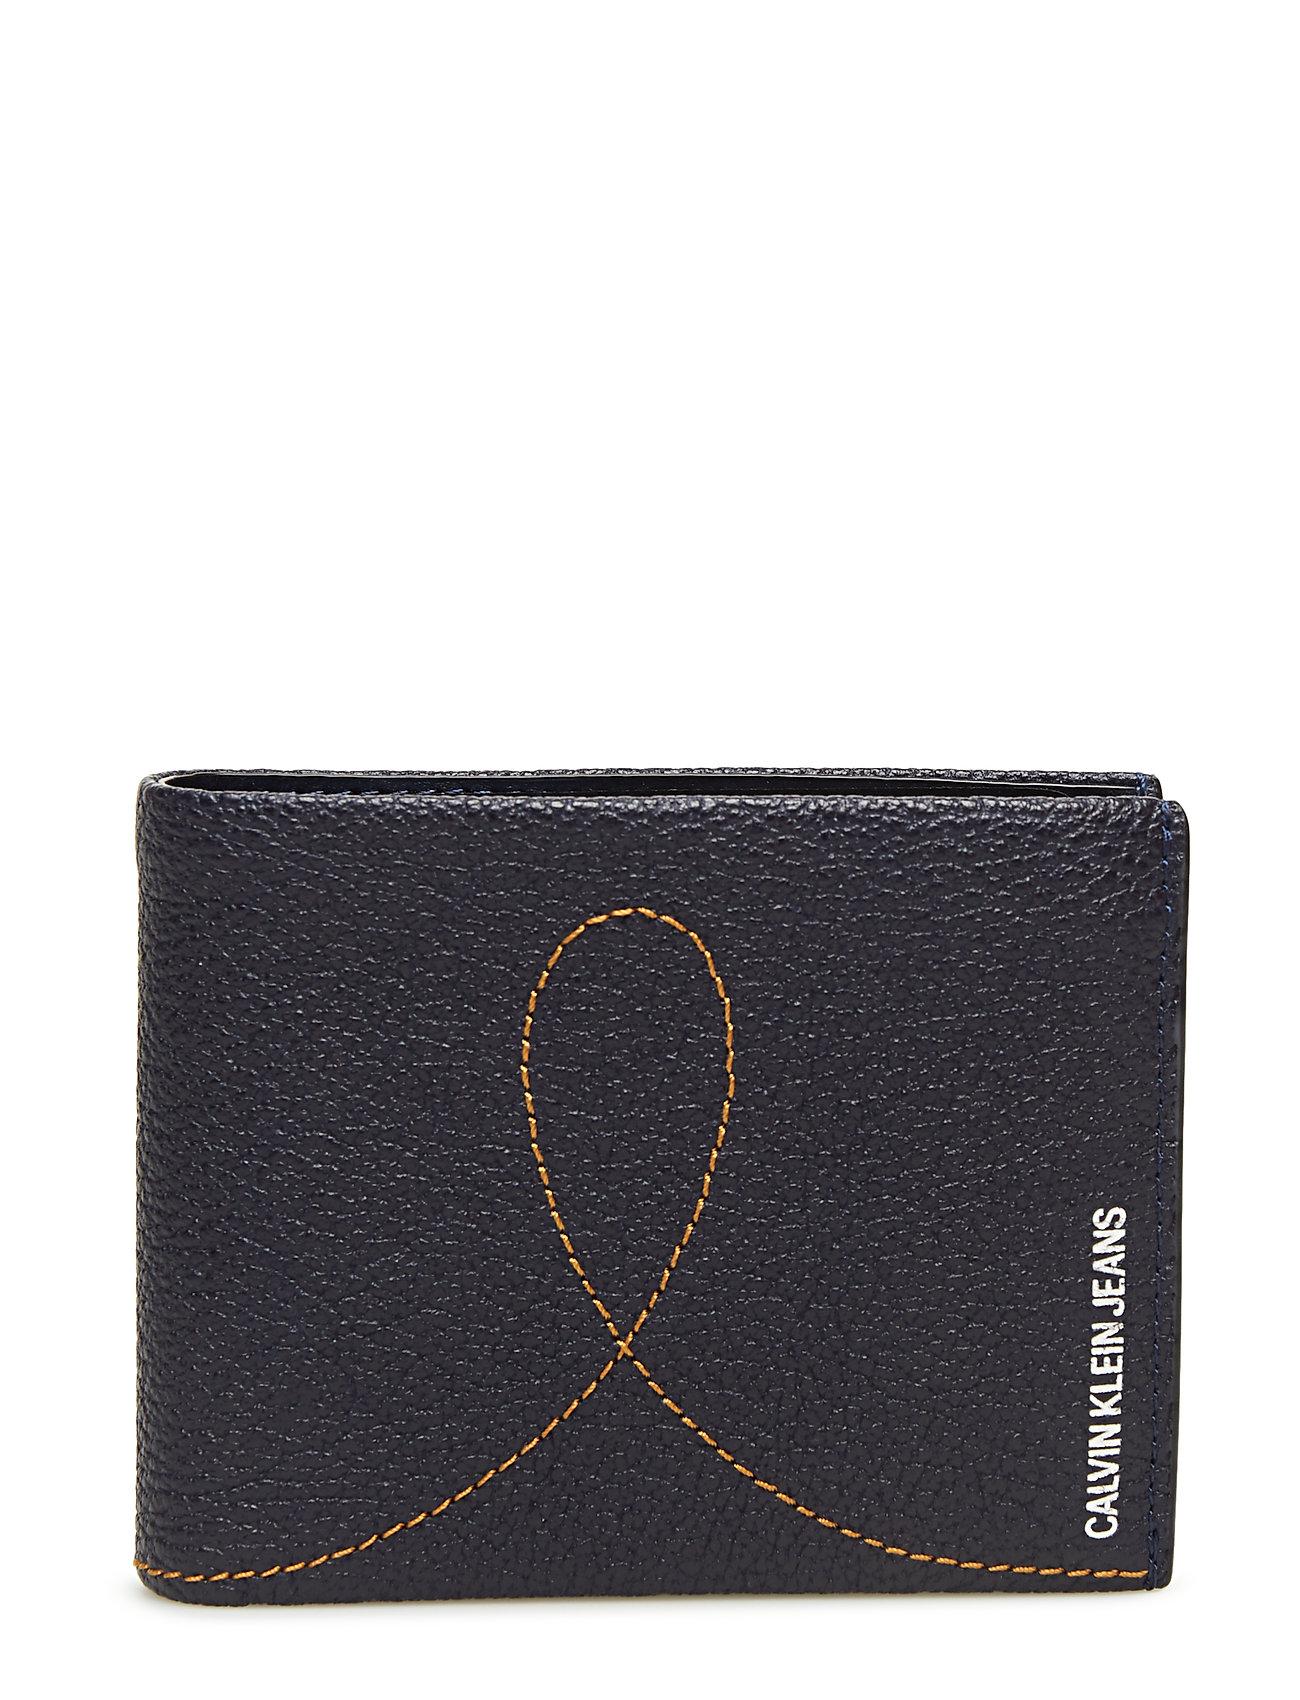 Calvin Klein OMEGA COIN PASS